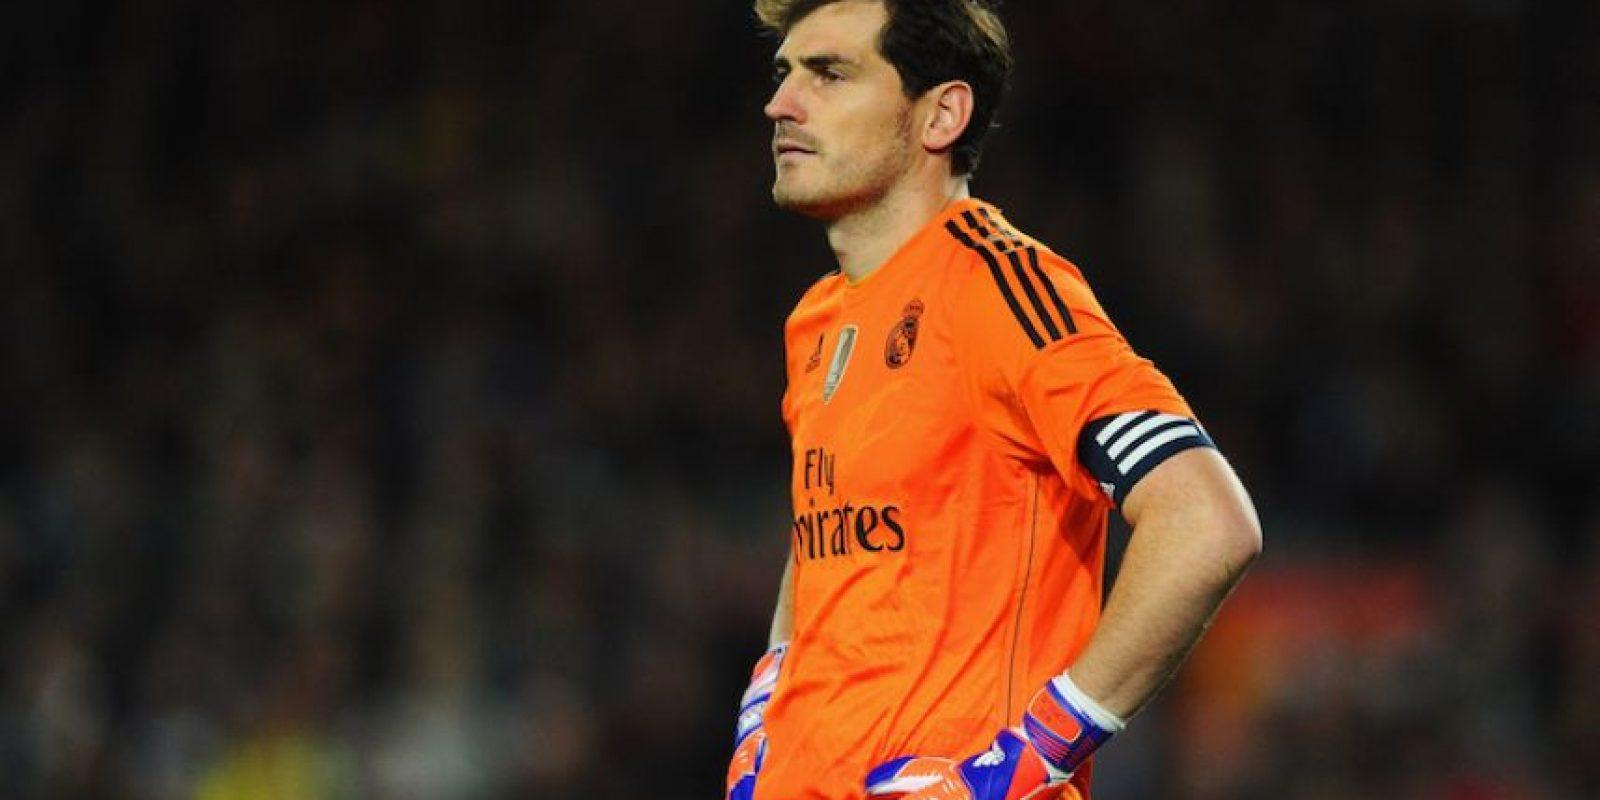 Iker Casillas fue señalado por Villiam Vecchi, entrenador de porteros del Real Madrid, como responsable en el gol de Luis Suárez que le dio la victoria al Barcelona en el Clásico. Foto:Getty Images